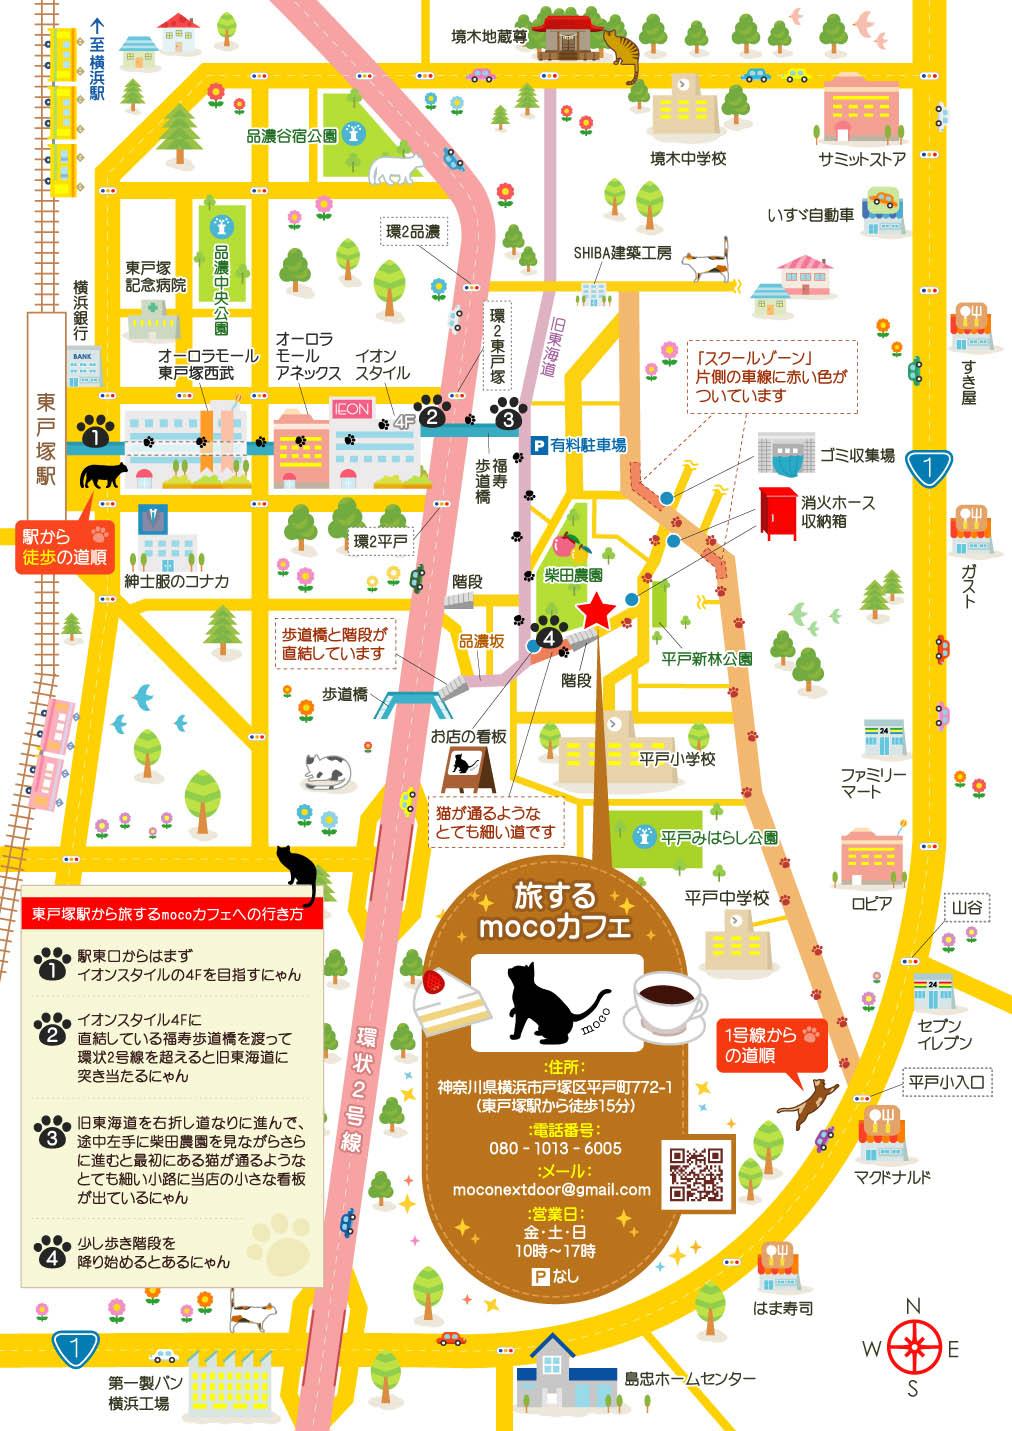 旅するmocoカフェへの地図